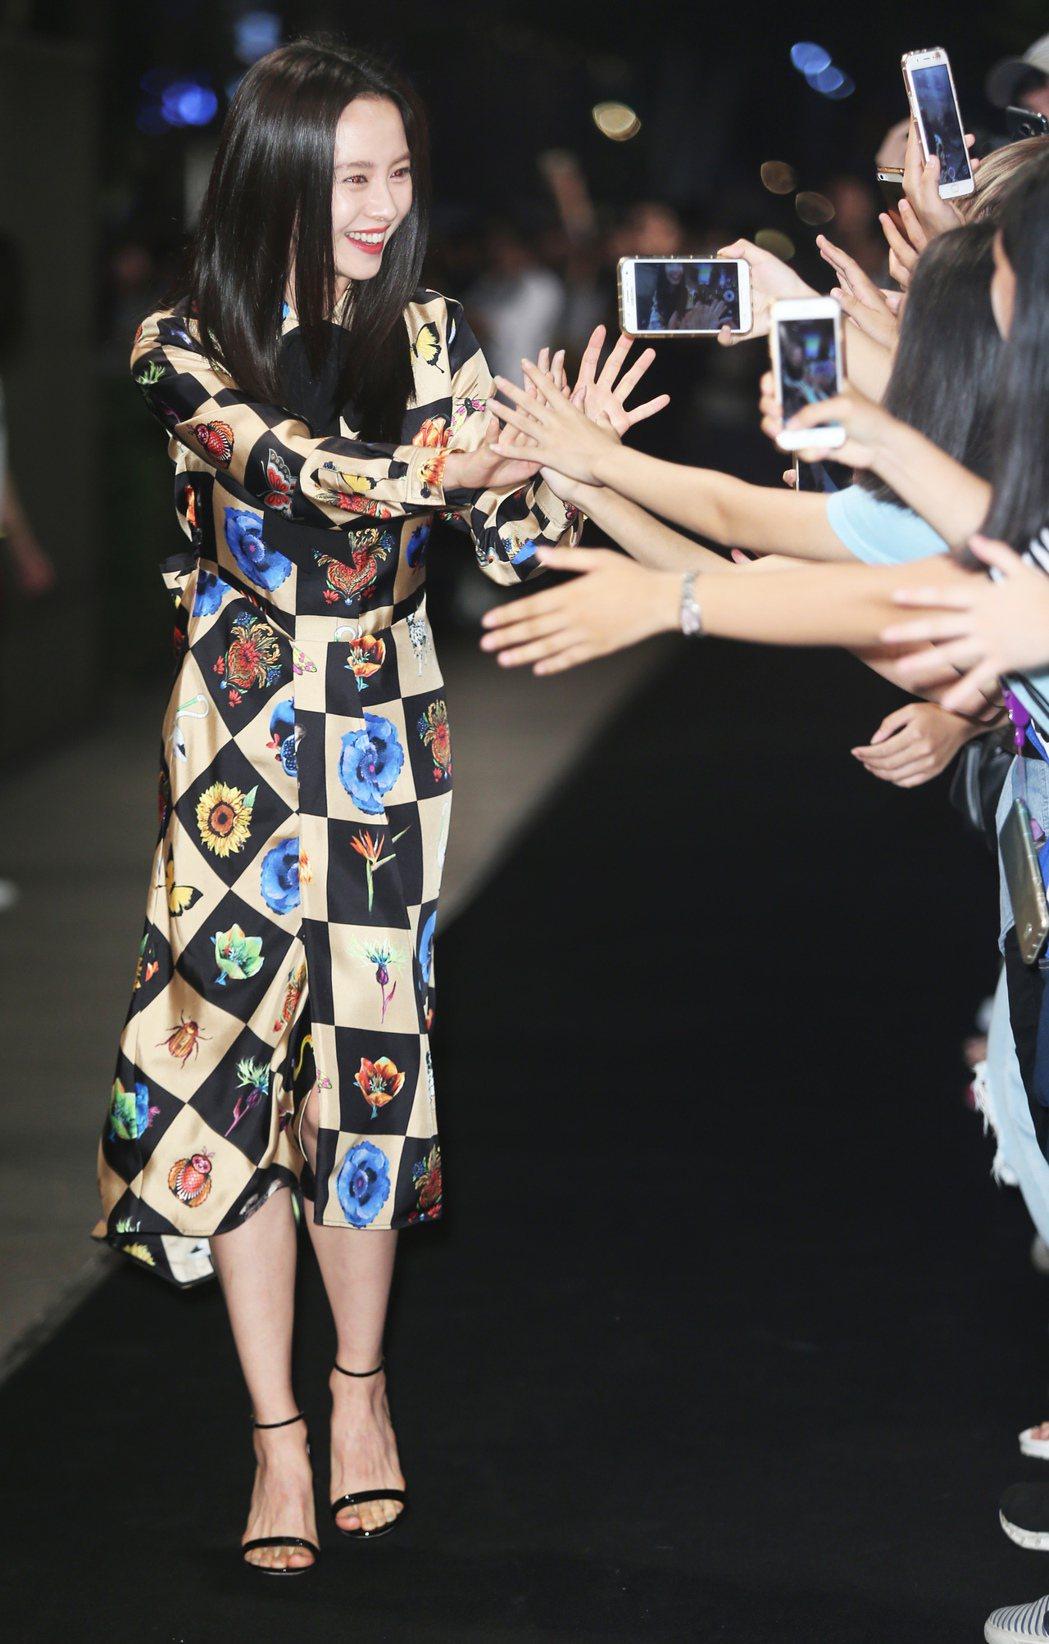 韓星宋智孝出席VOGUE全球購物夜活動時與粉絲揮手致意。記者徐兆玄/攝影